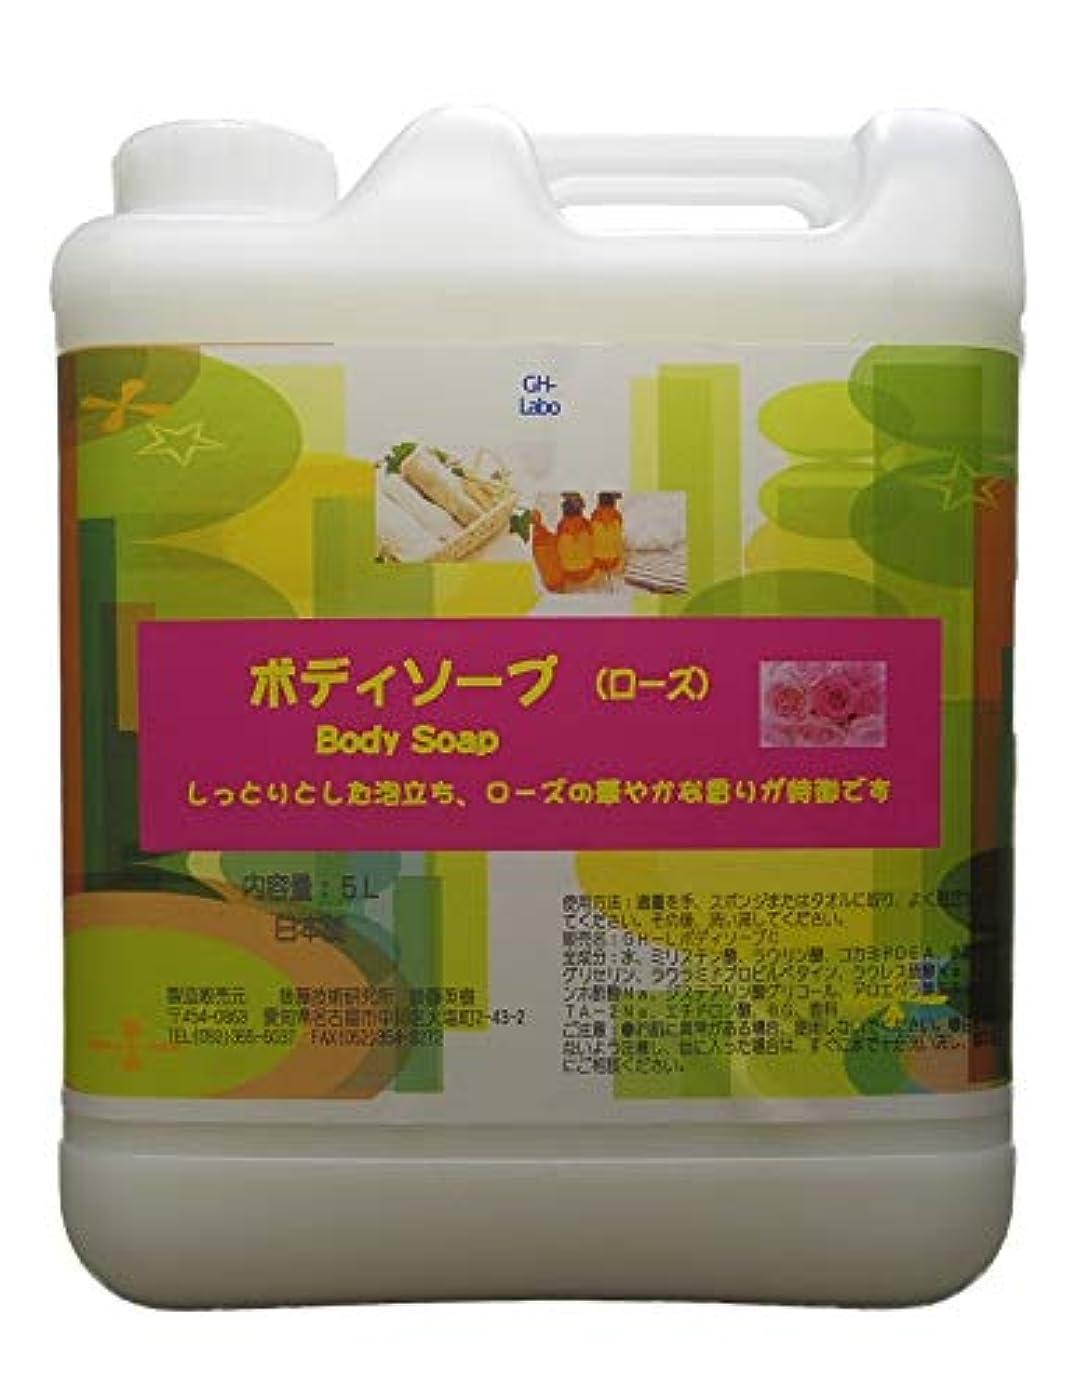 対抗ローズ優しさGH-Labo 業務用ボディソープ ローズの香り 5L